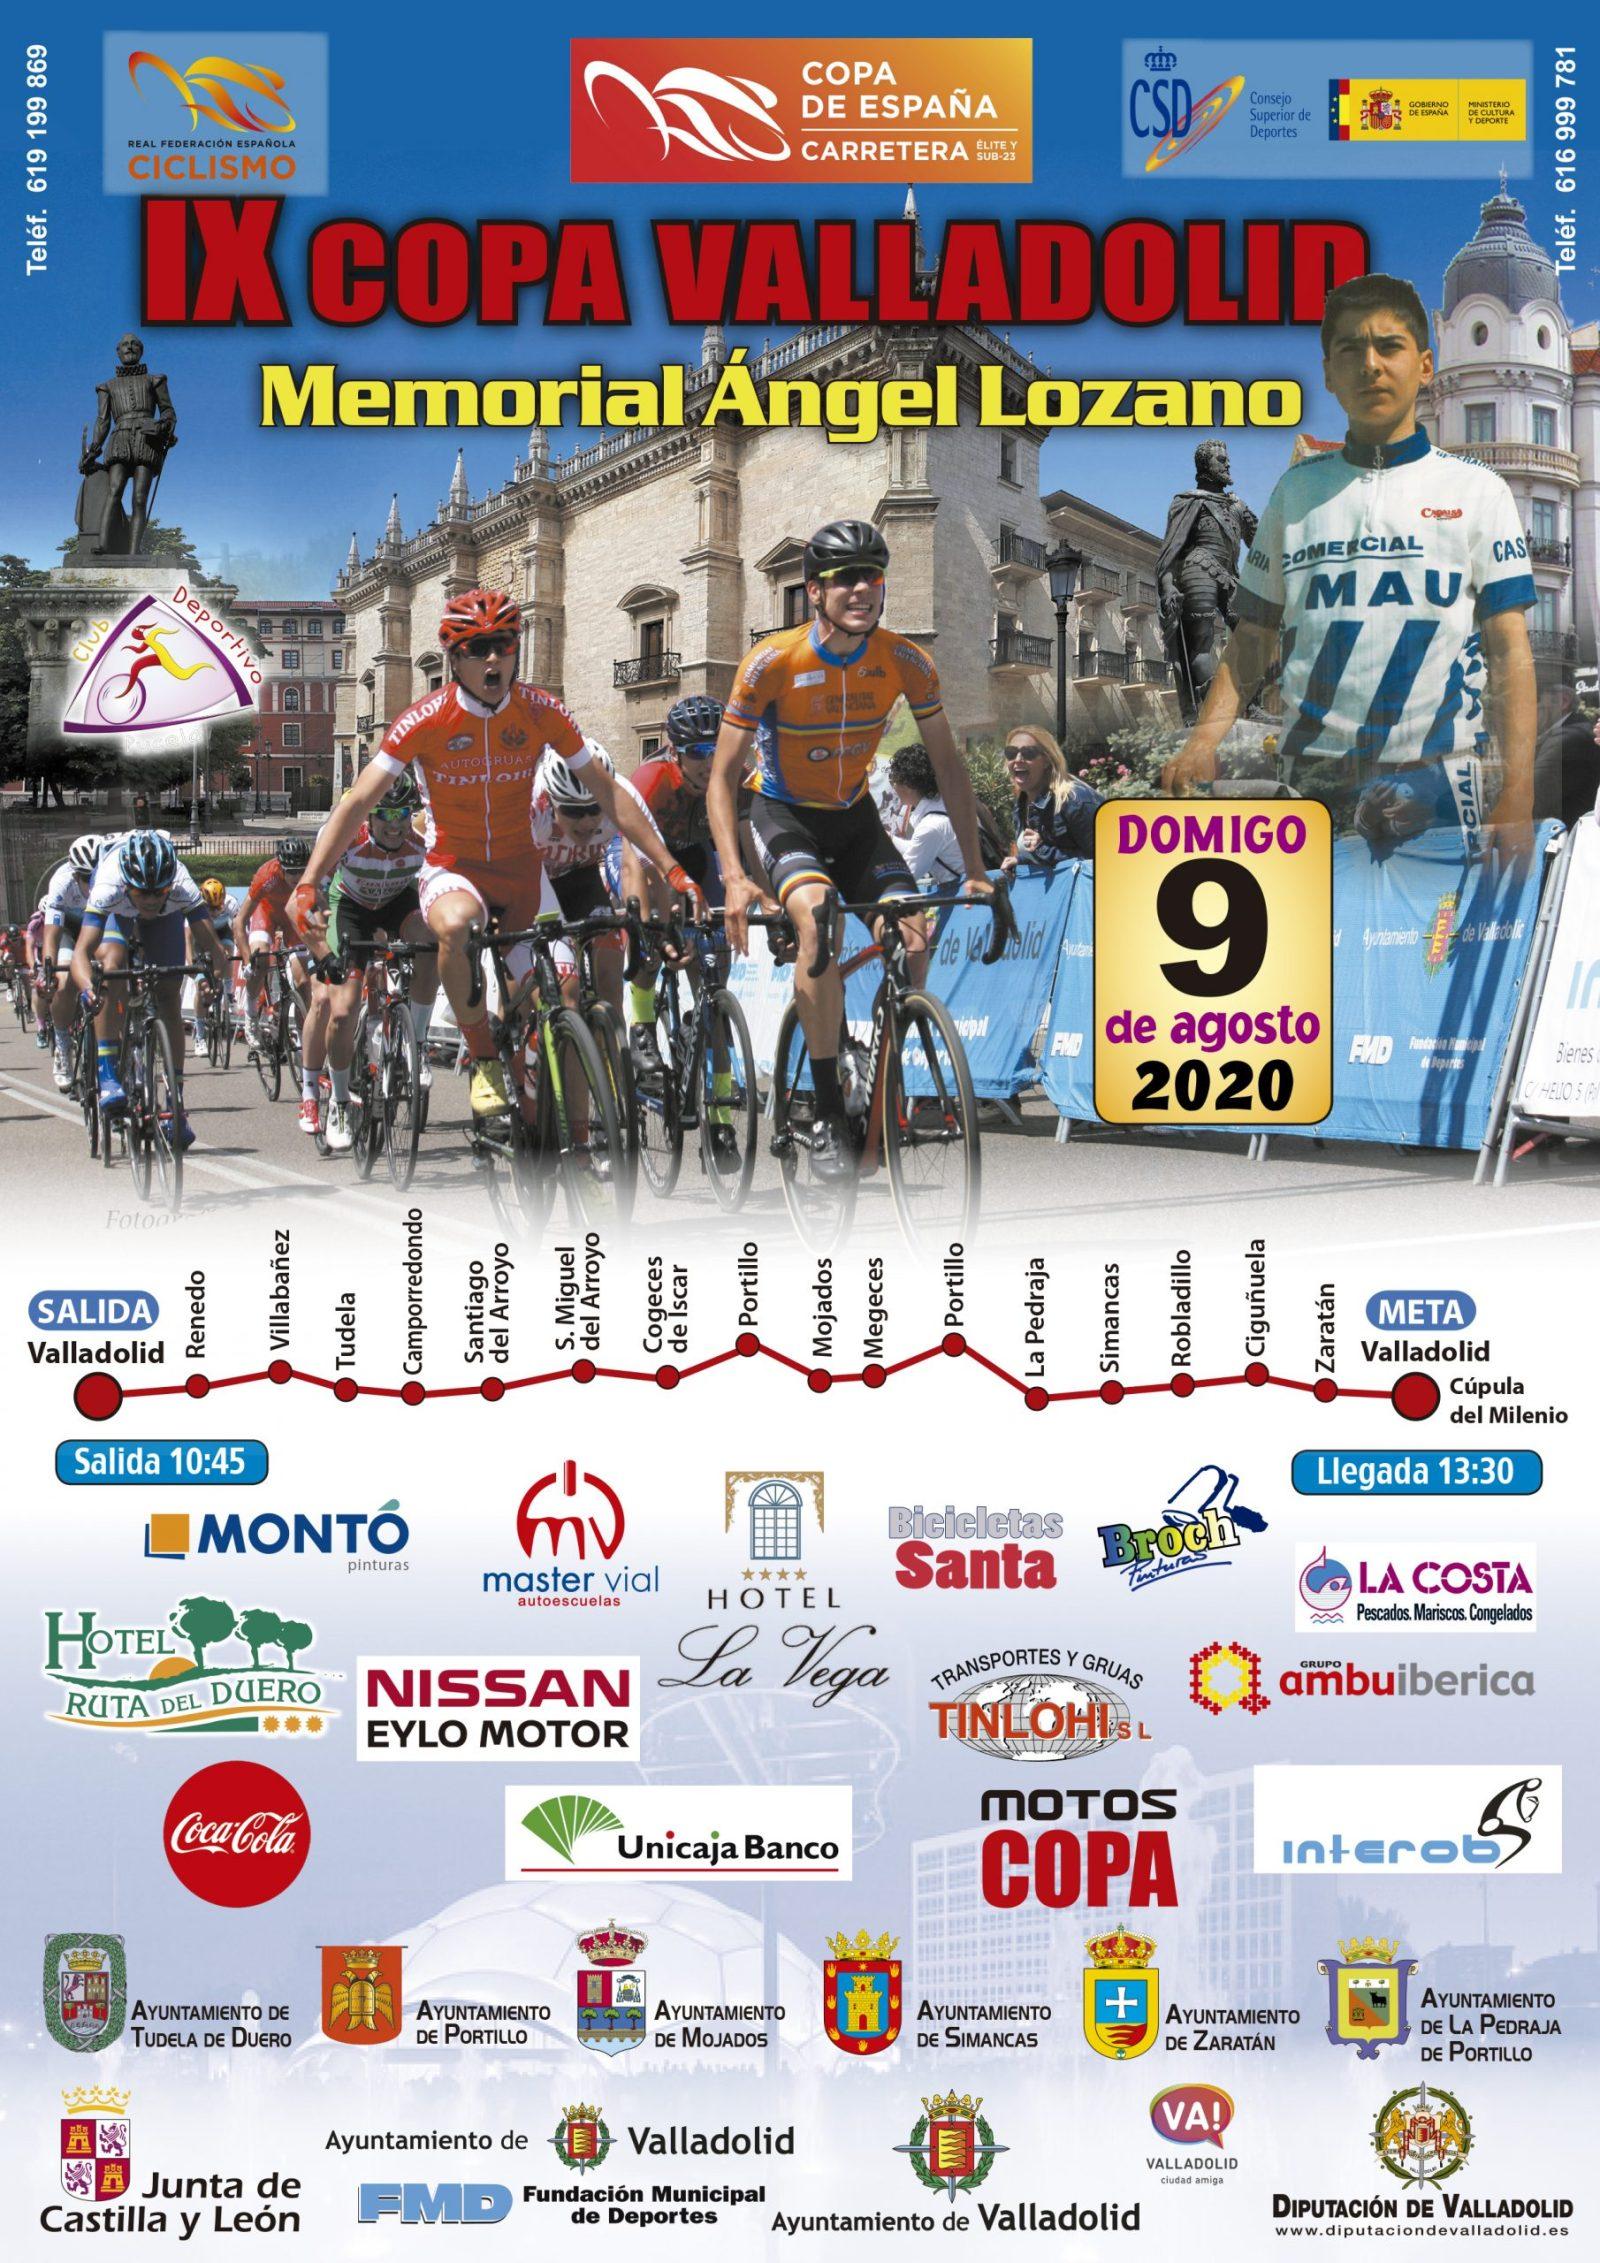 Cartel Memorial Ángel Lozano Valladolid